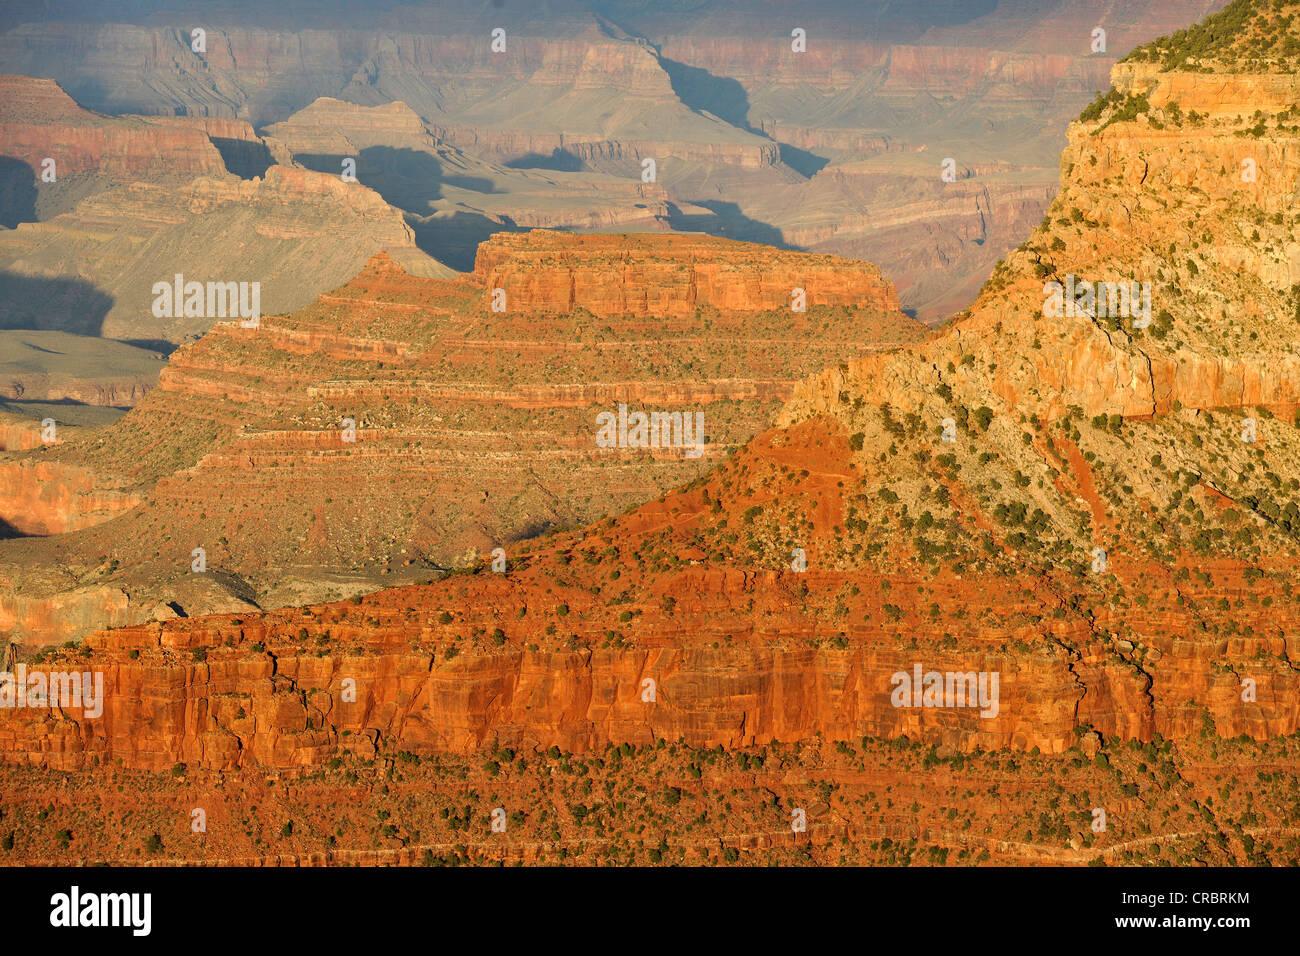 Bei Sonnenuntergang von Yavapai Point Lookout in Richtung Pattie Butte, Bright Angel Canyon, Abendlicht, Grand Canyon Stockbild